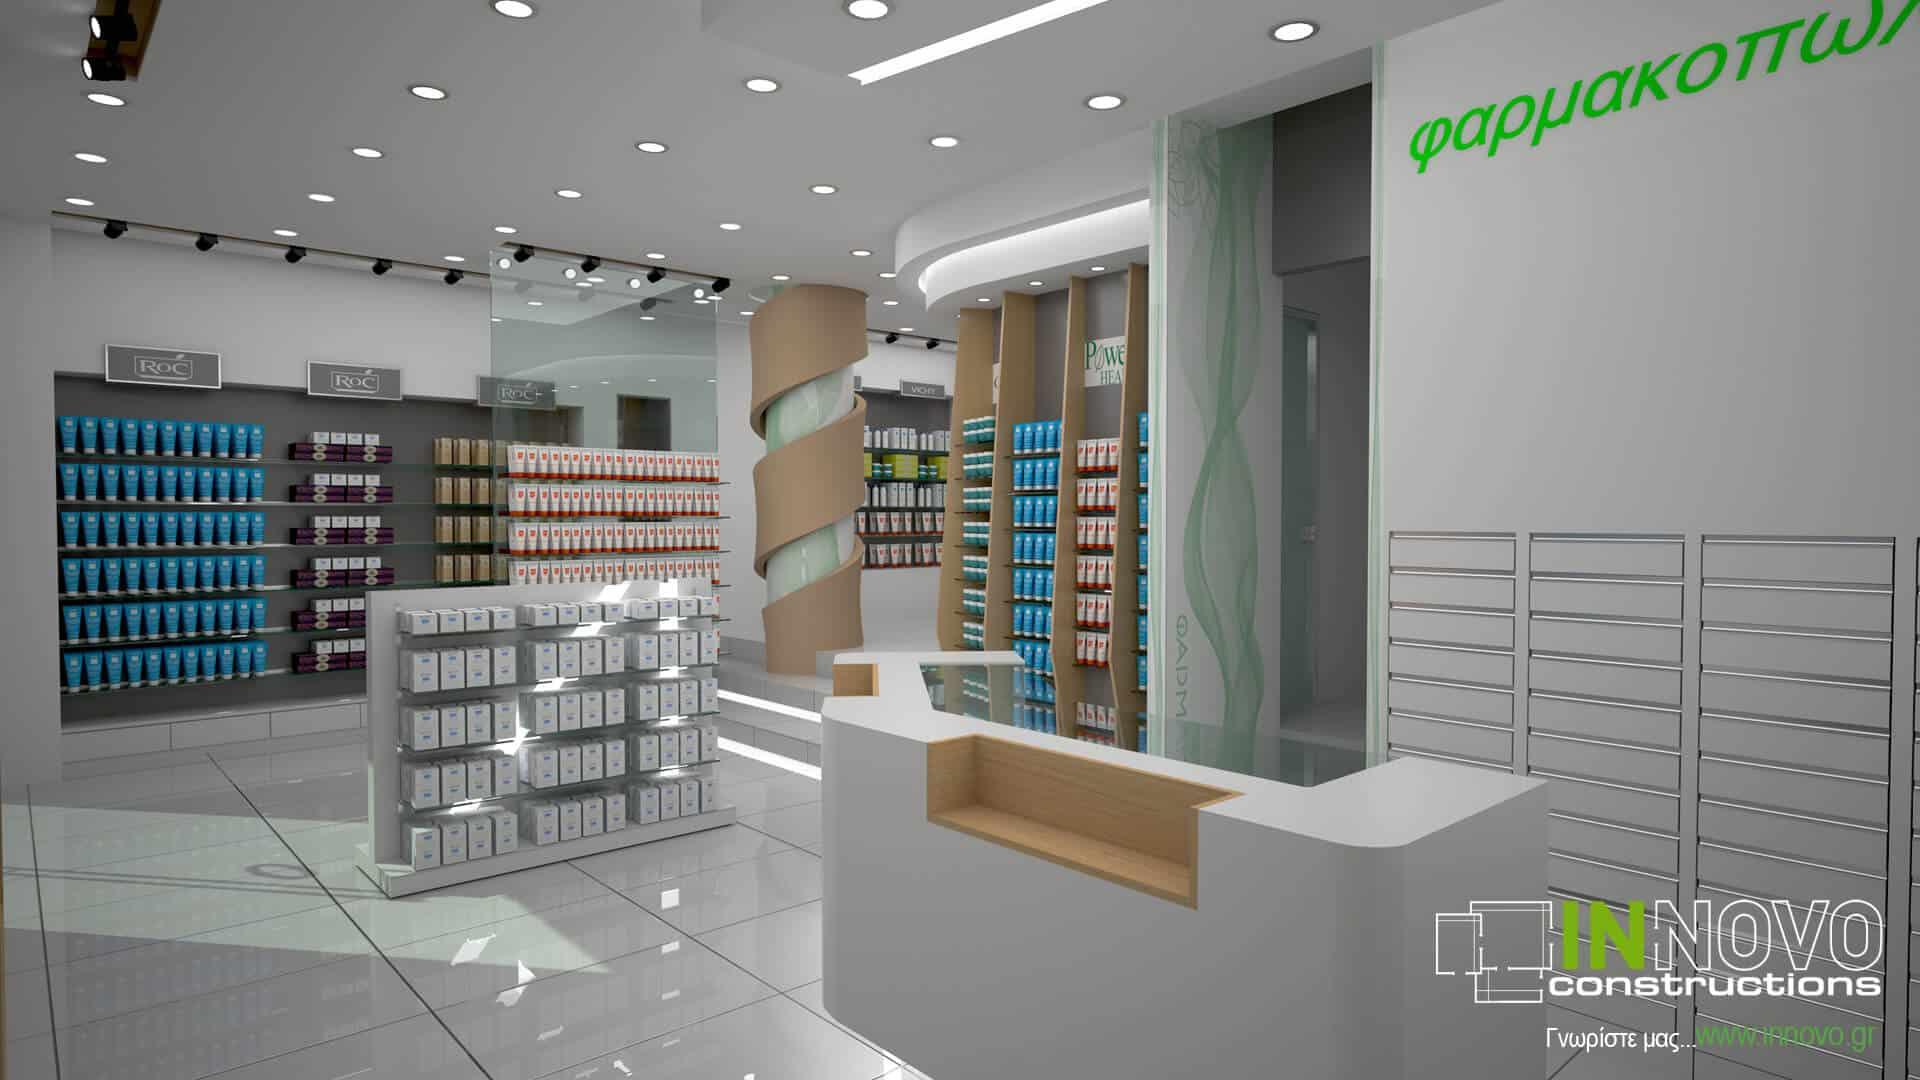 Στο Περιστέρι, σχεδιασμός κατασκευής φαρμακείου